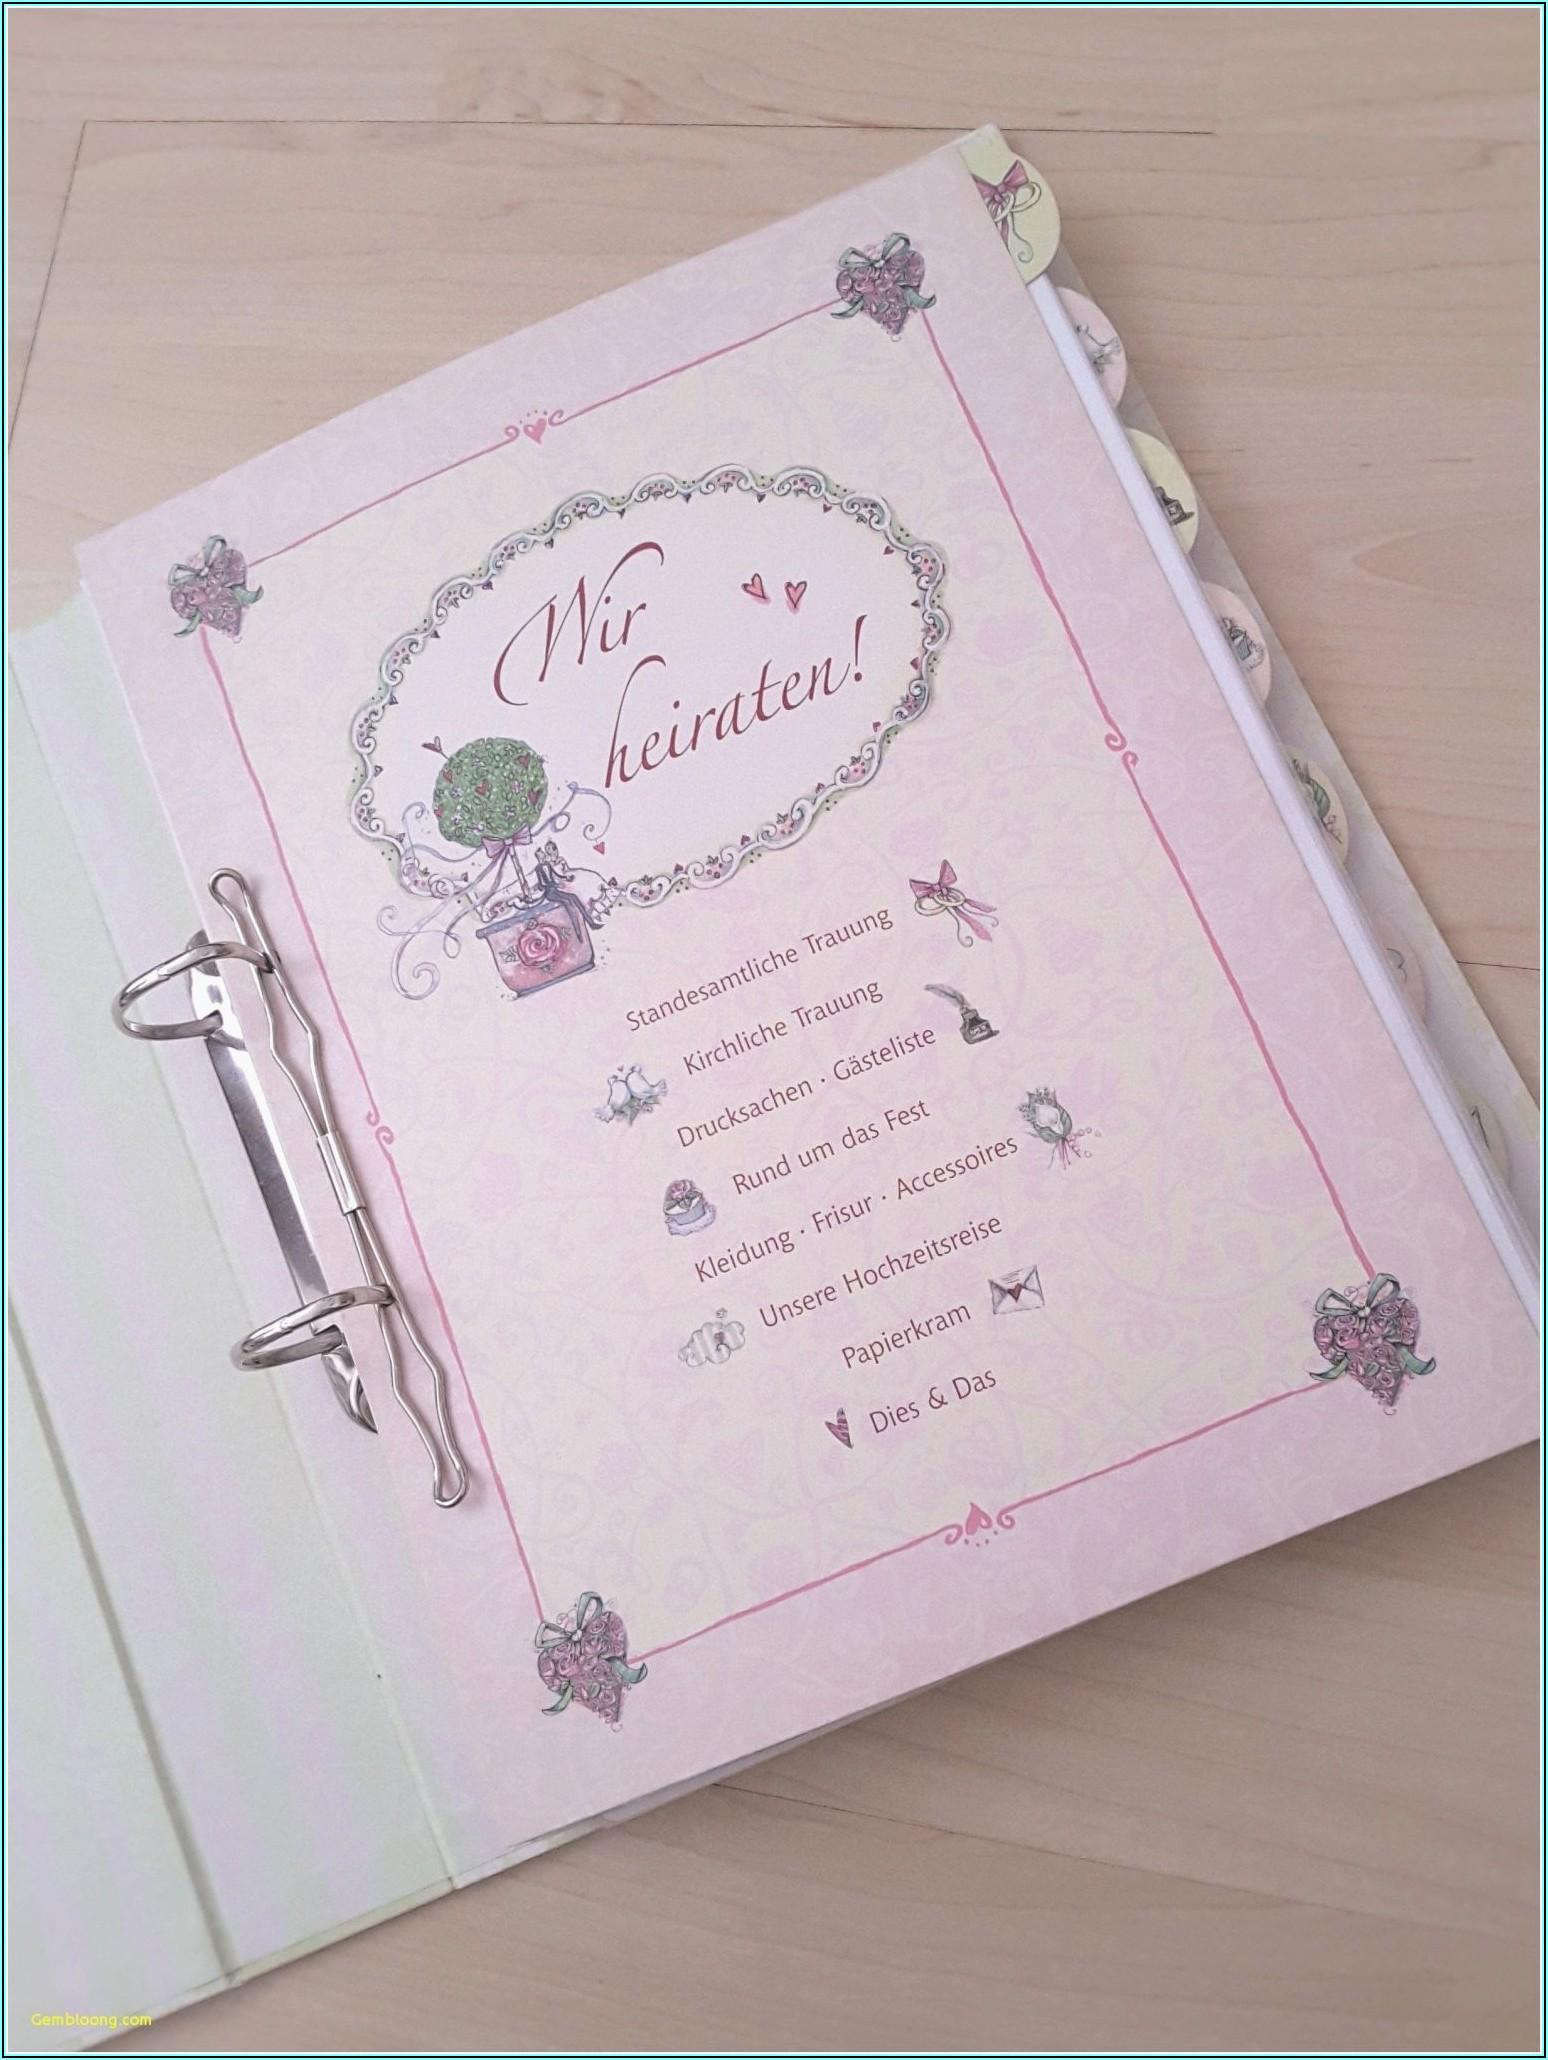 Hobby Lobby Wedding Invitations Instructions